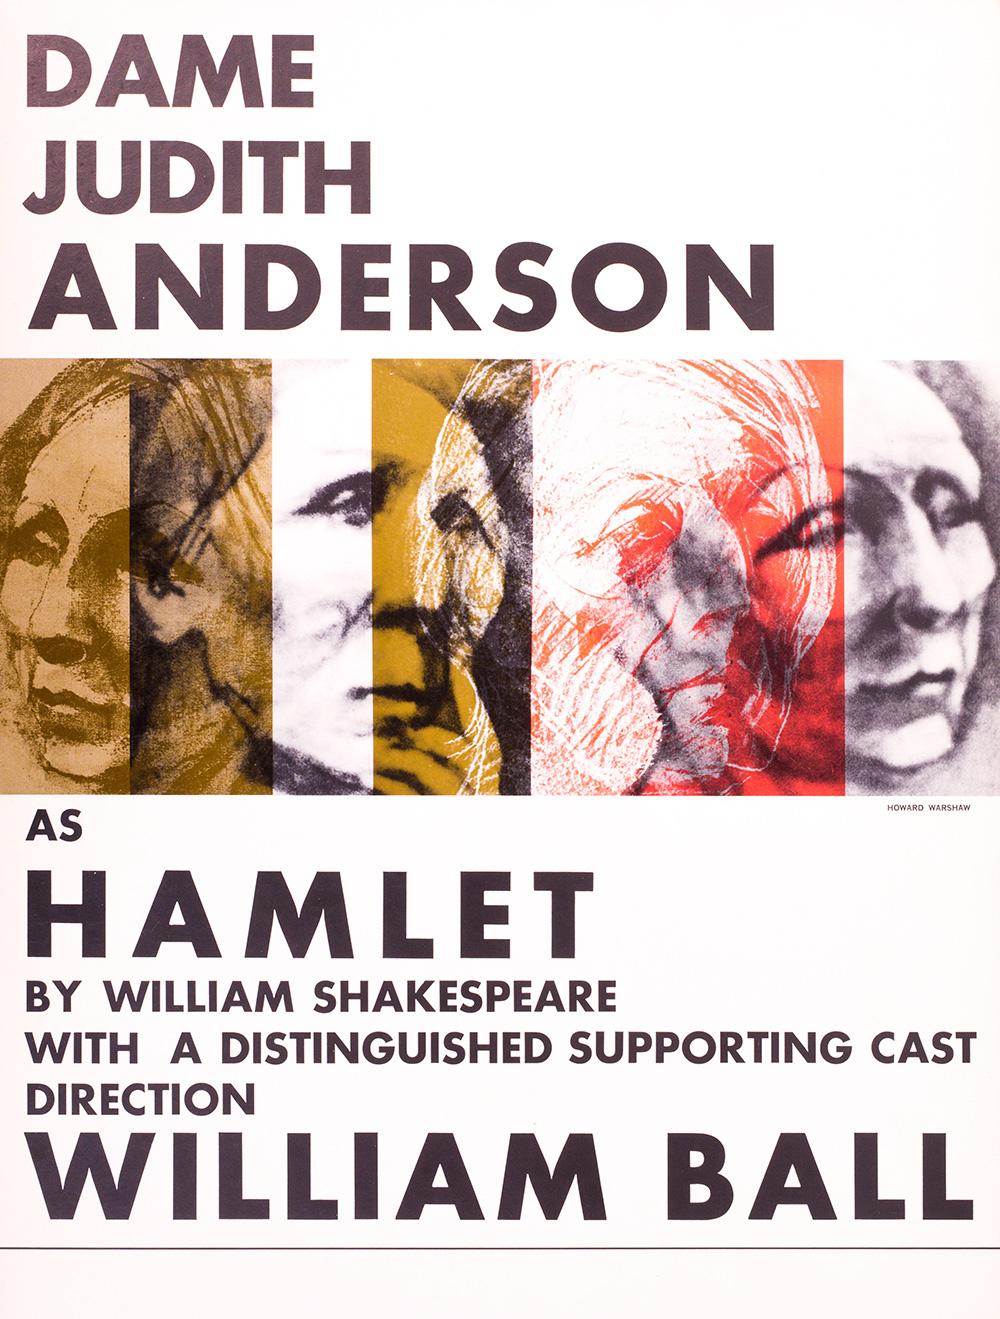 Judith Anderson as Hamlet